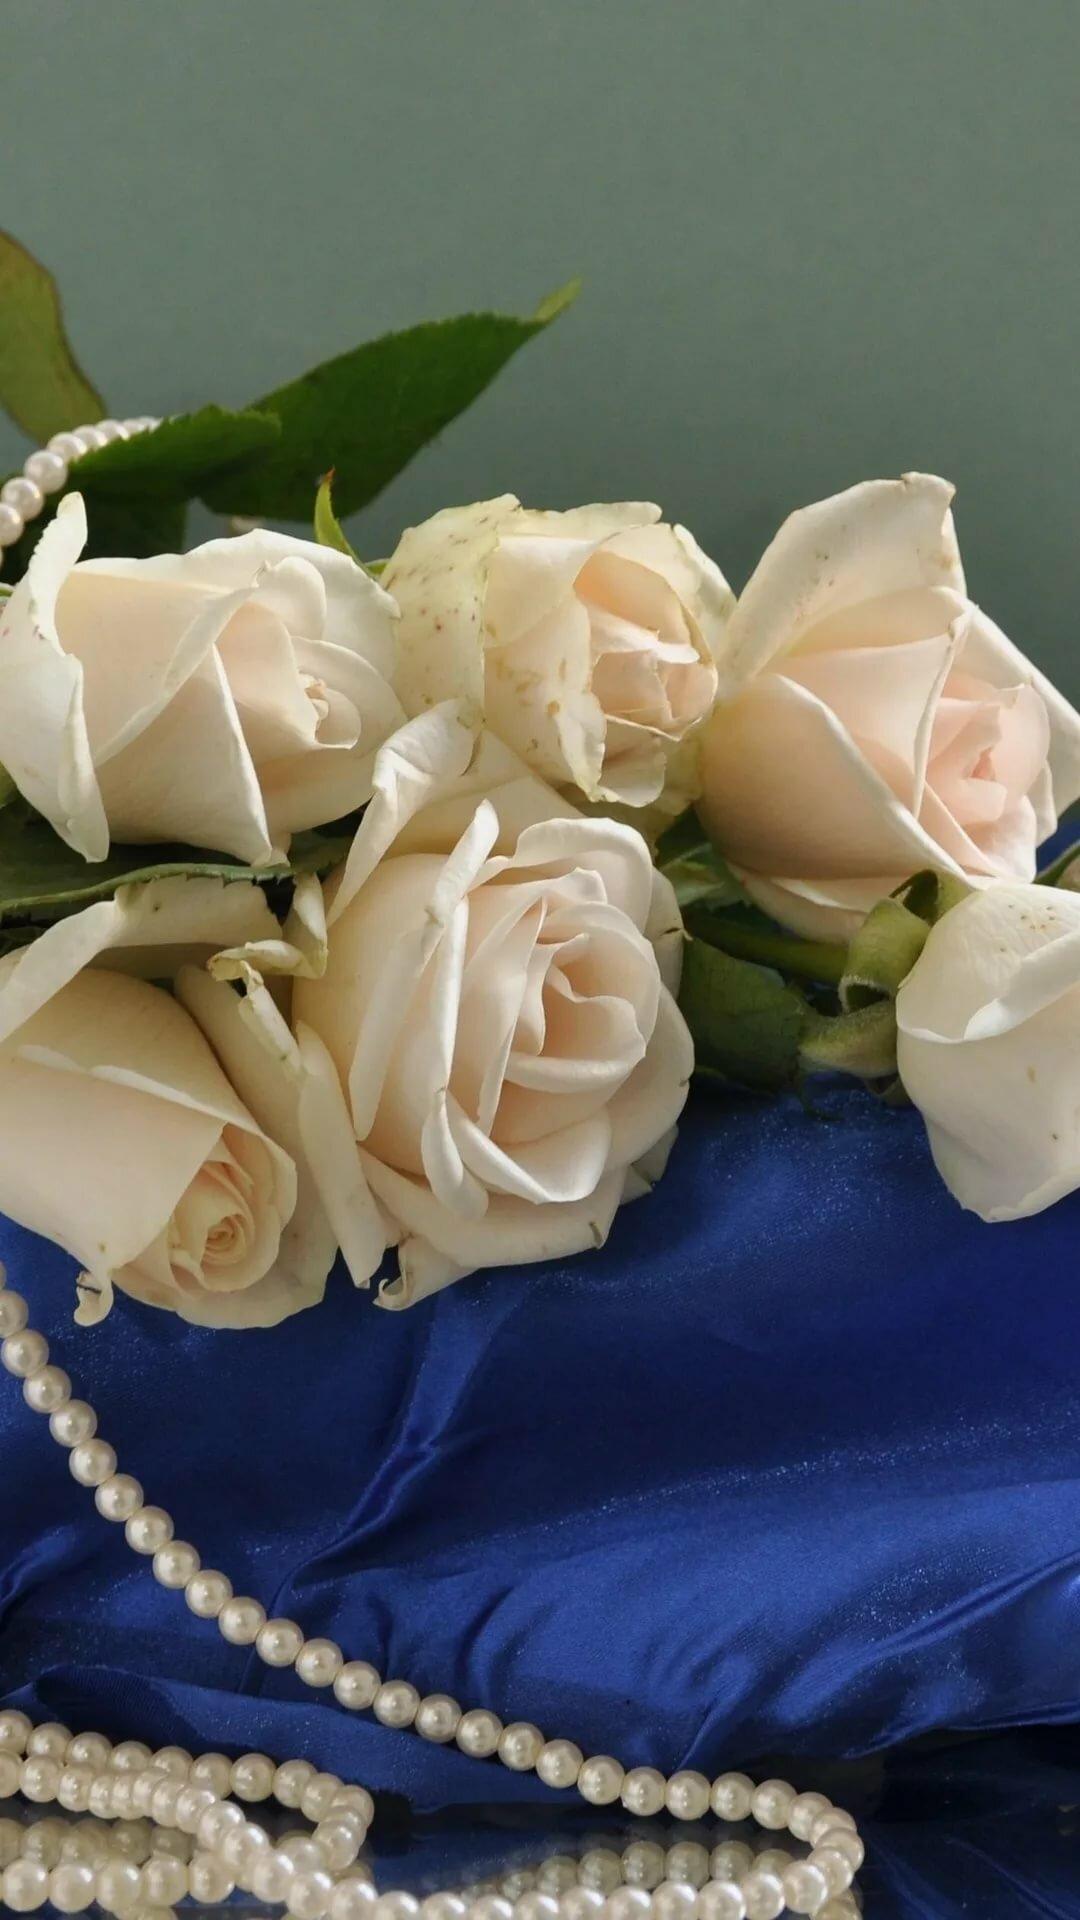 картинки на телефон жемчуг и цветы любой